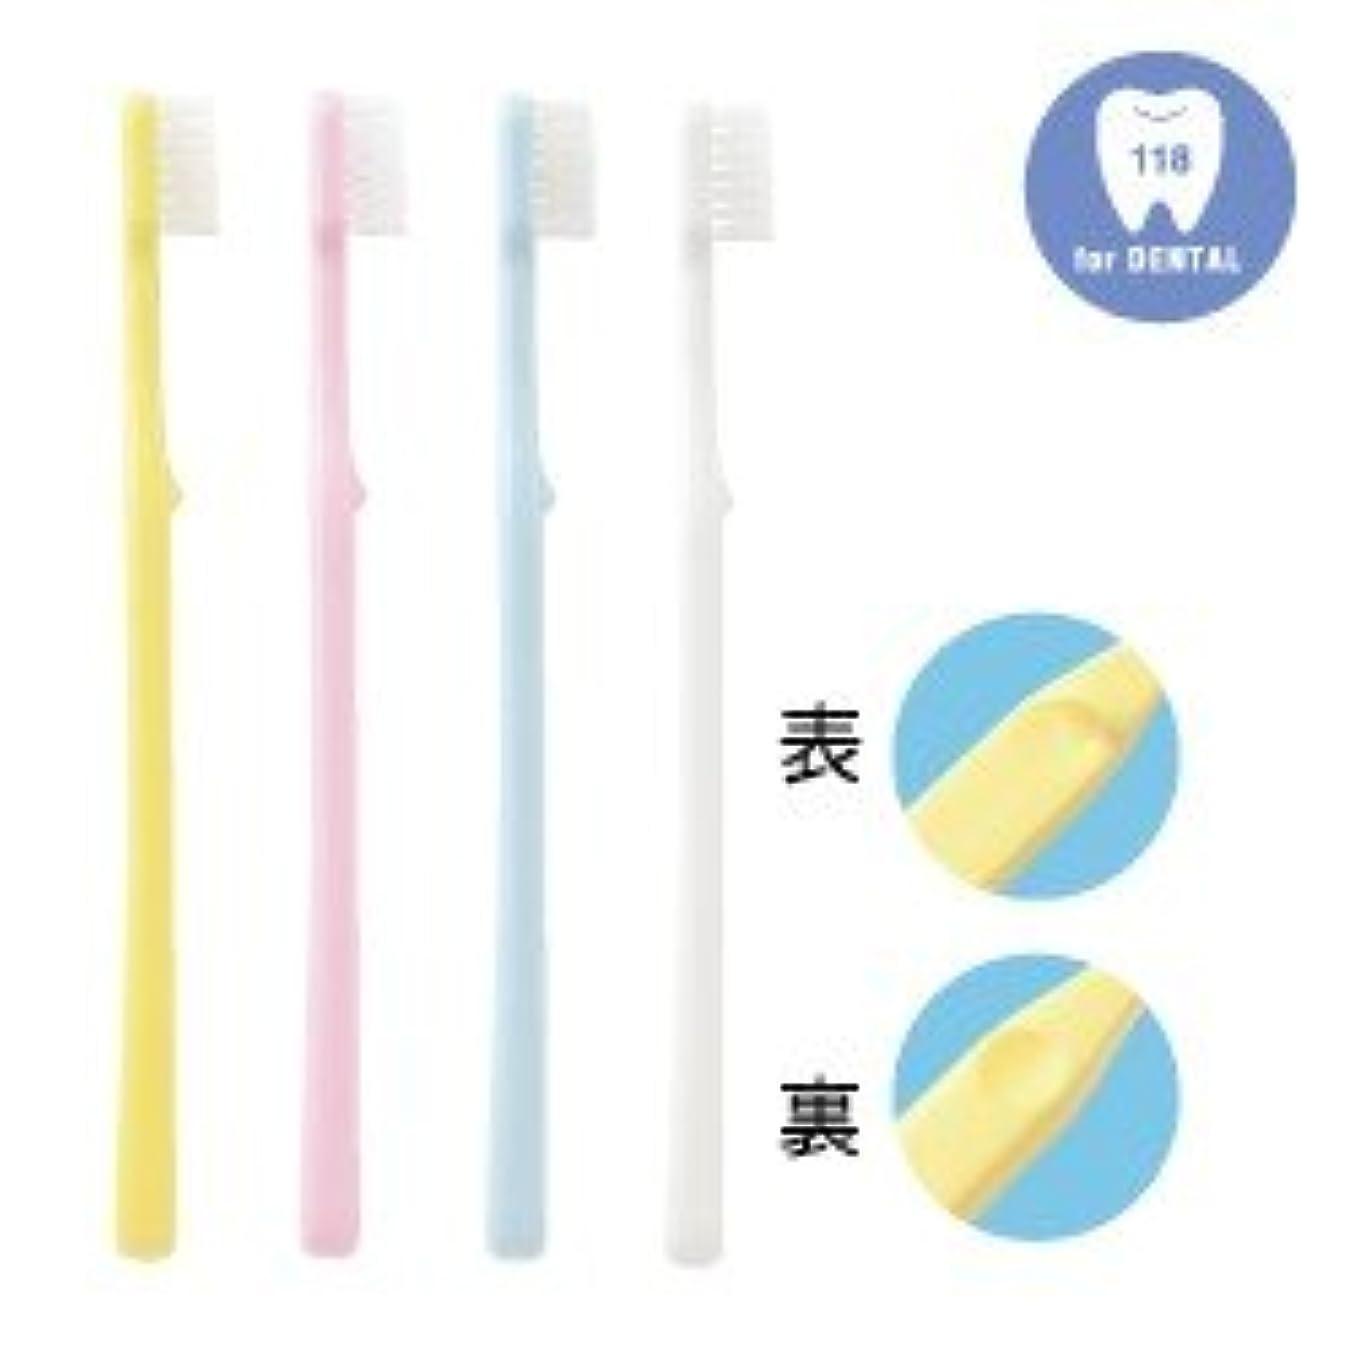 パウダーポテトご注意歯科専用歯ブラシ フォーカス 子供用 118シリーズ M(ふつう) 20本